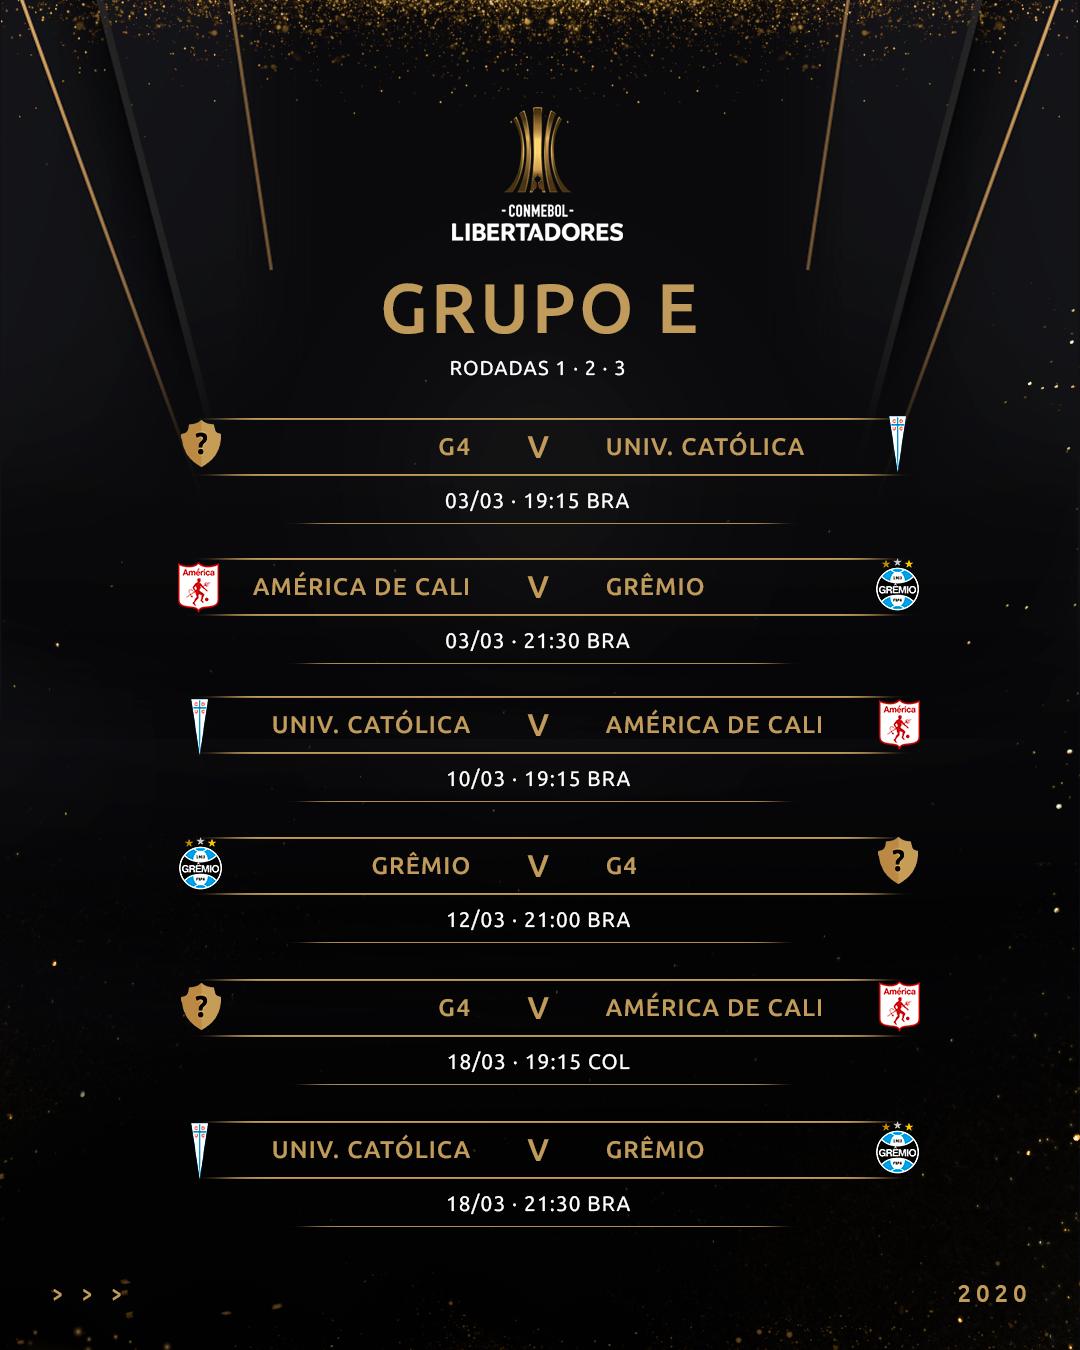 Tabela Grupo E Libertadores 2020